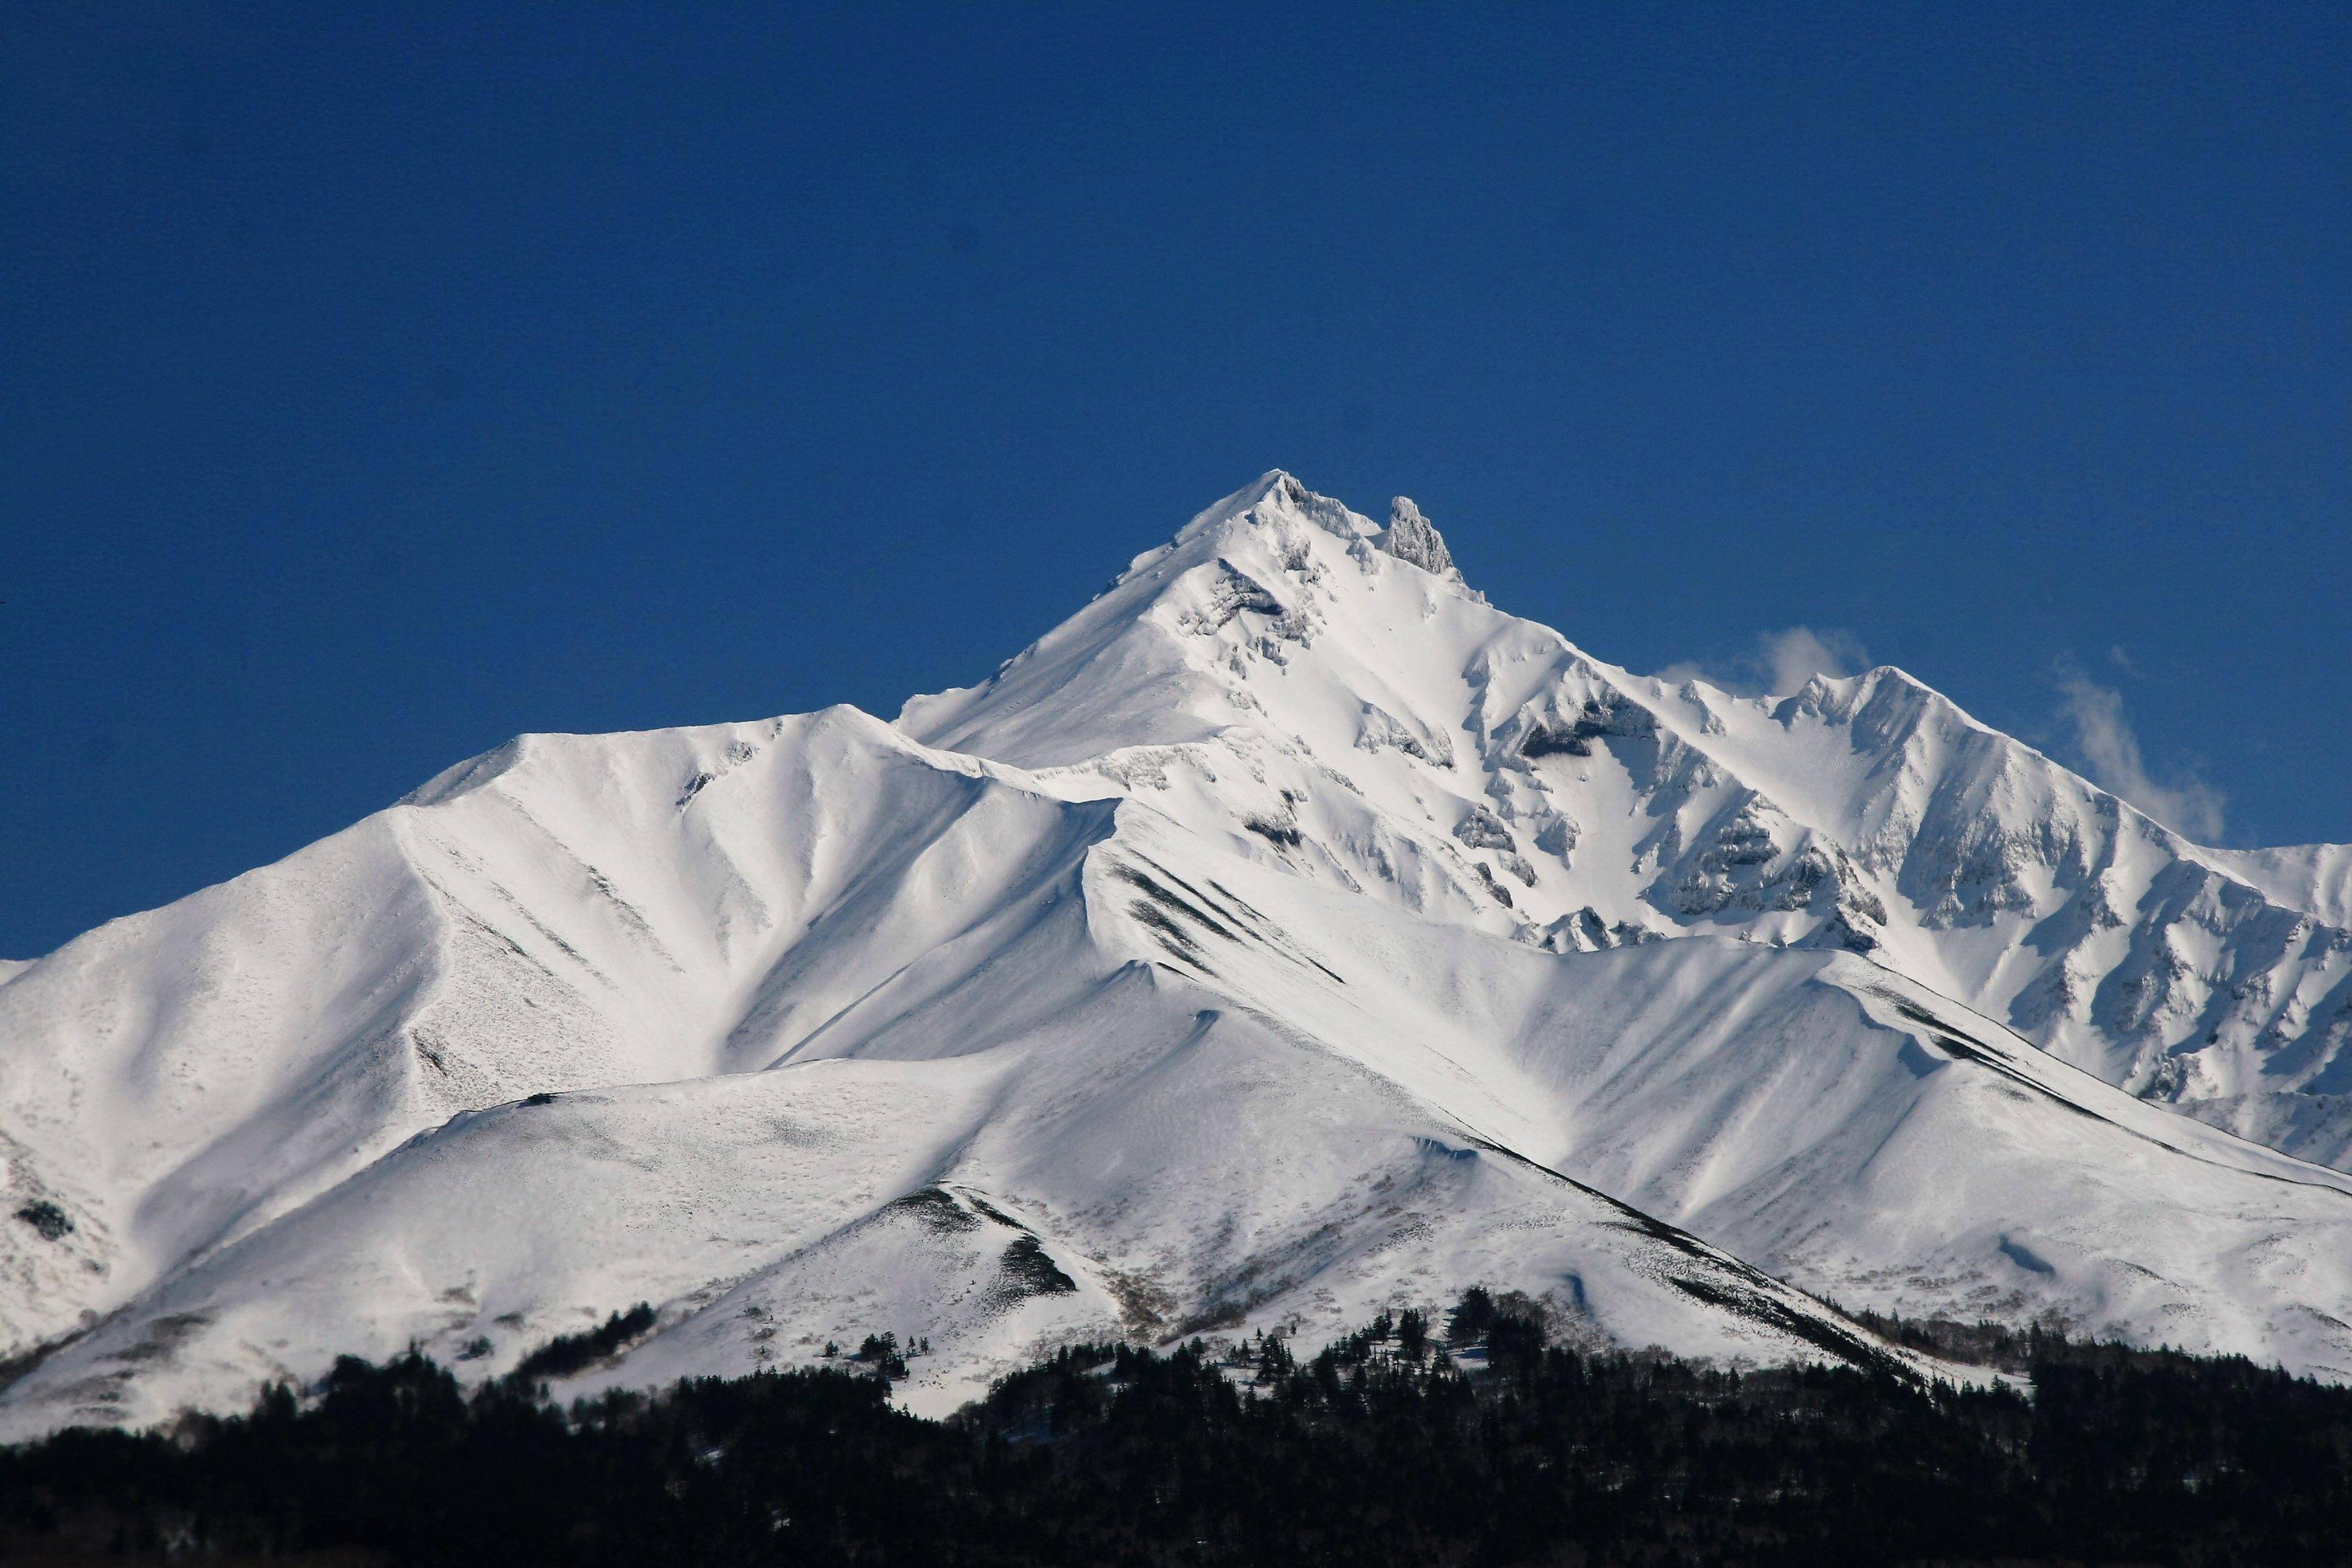 ภูเขา ใน ญี่ปุ่น โดดเด่นไปด้วยความยิ่งใหญ่และธรรมชาติที่สวยงาม